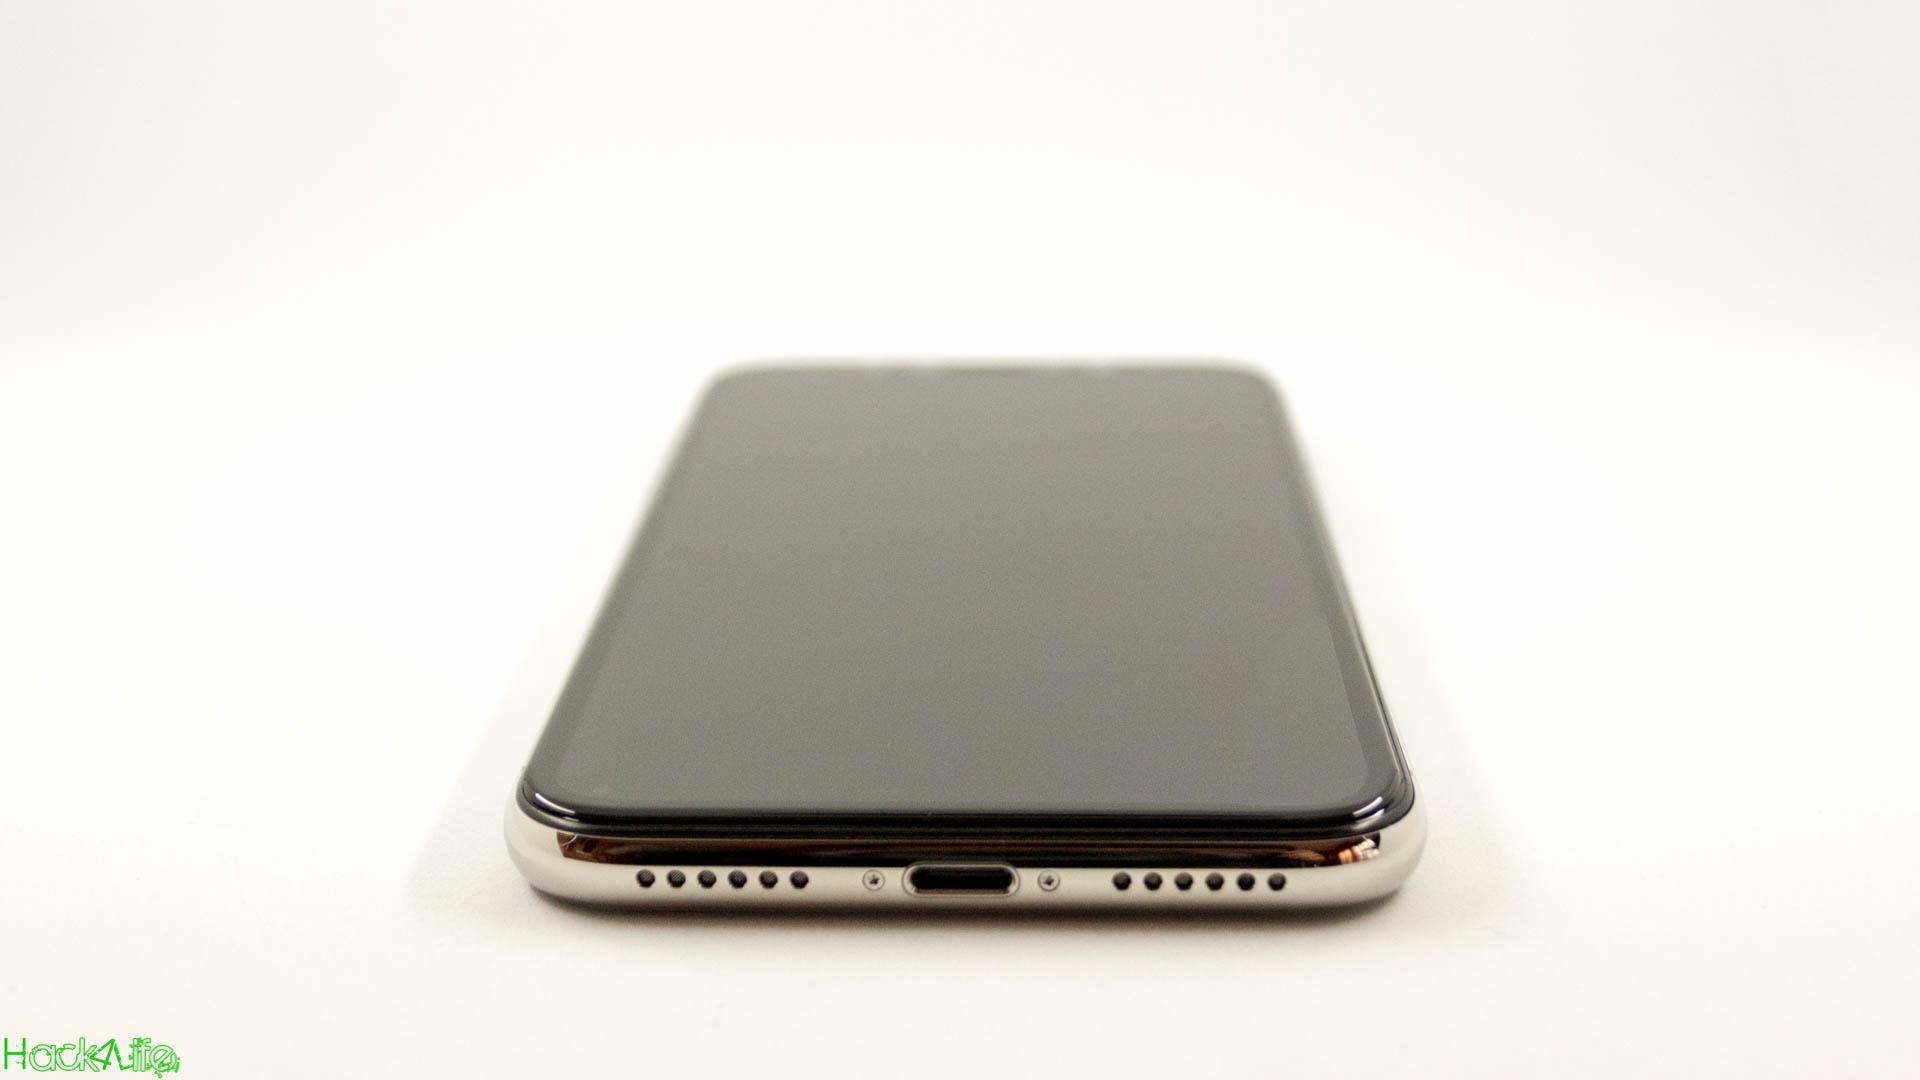 Unauffällig und trotzdem existent: CellBee auf dem iPhone X, Hack4Life, Review, Fabian Geissler